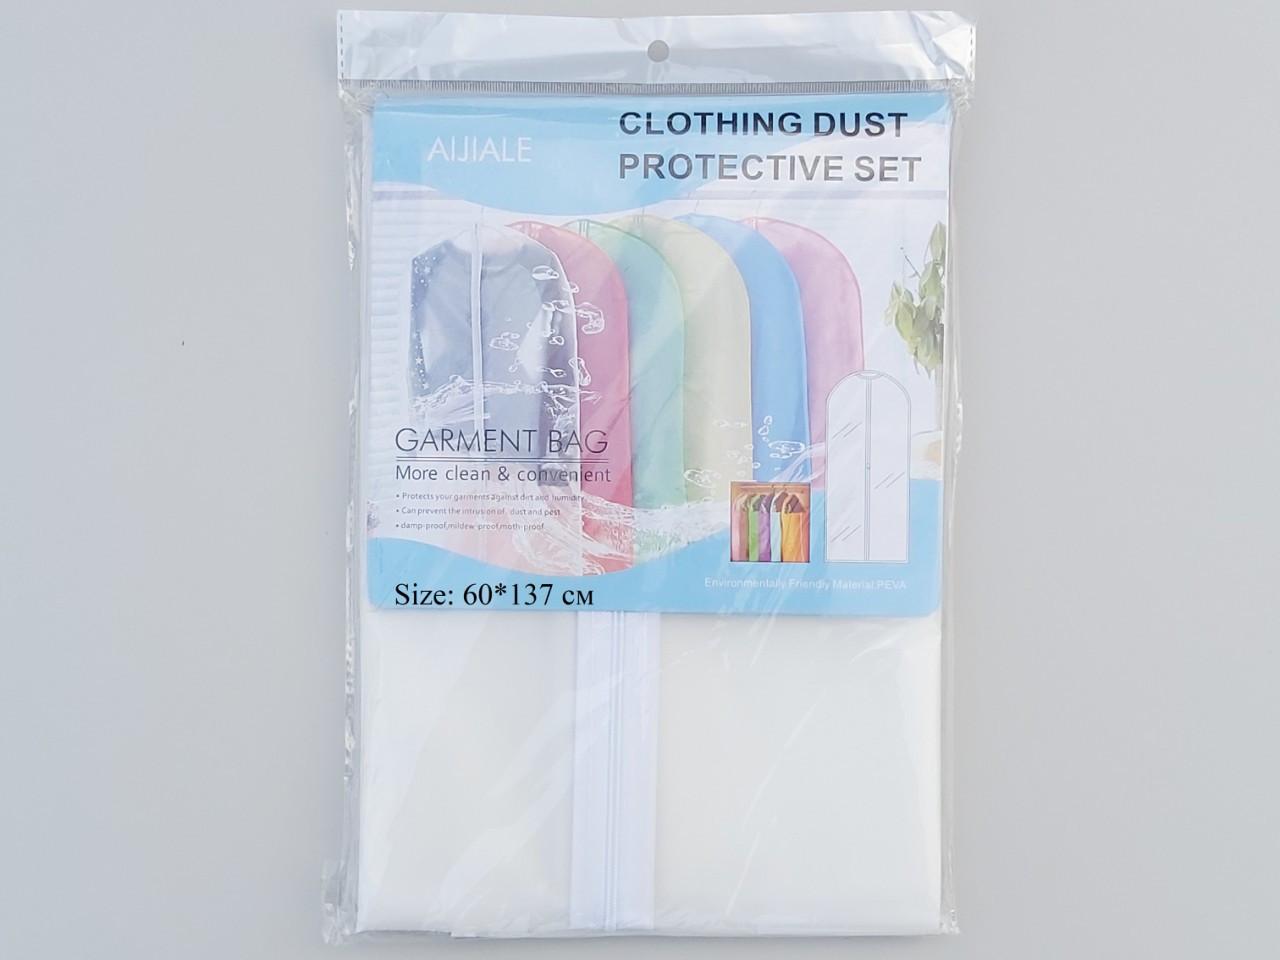 Чехол для хранения одежды из плащевки белого цвета, размер 60*137 см